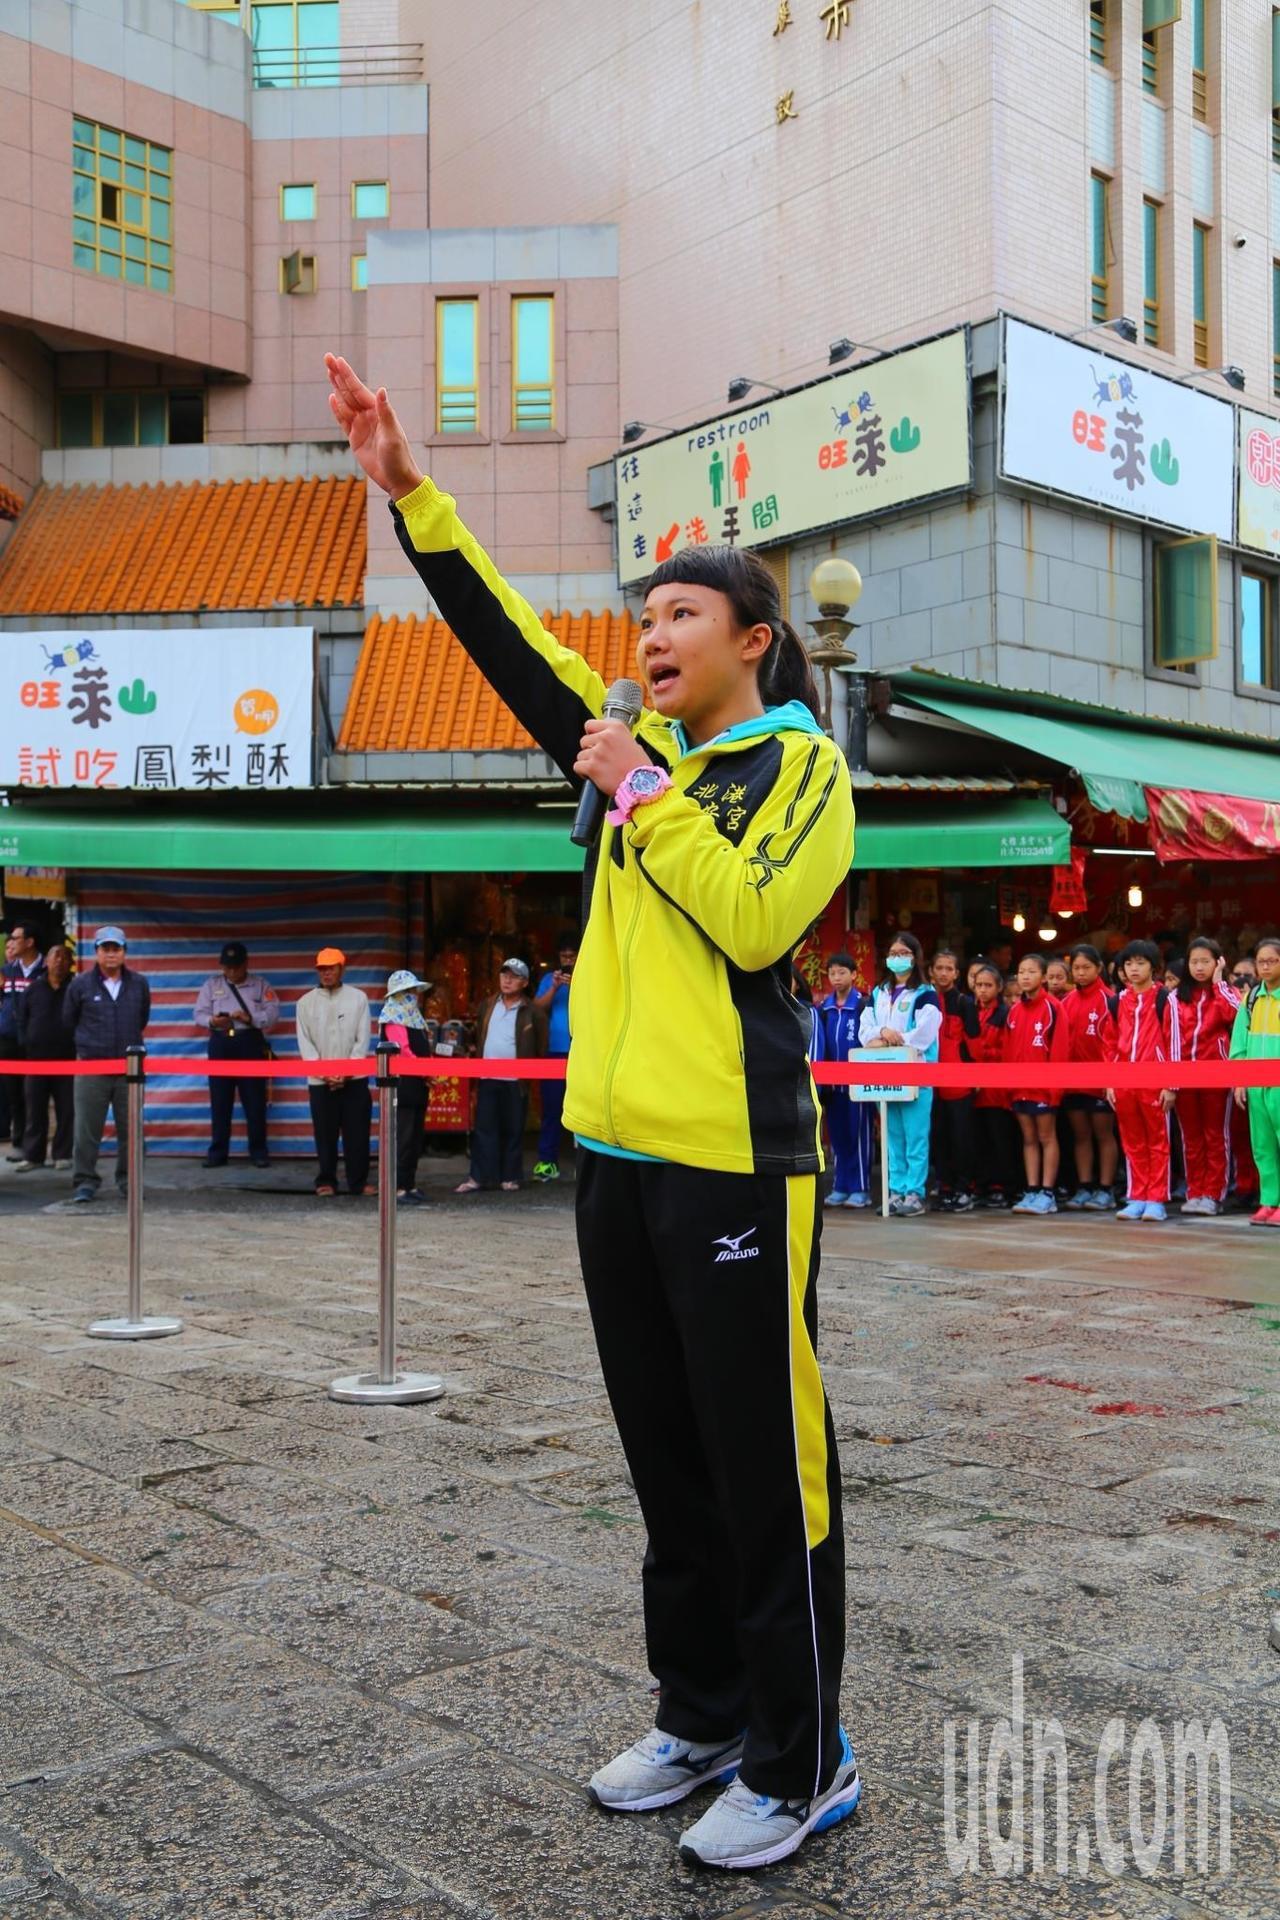 球員隊表向媽祖宣誓。記者蔡維斌/攝影